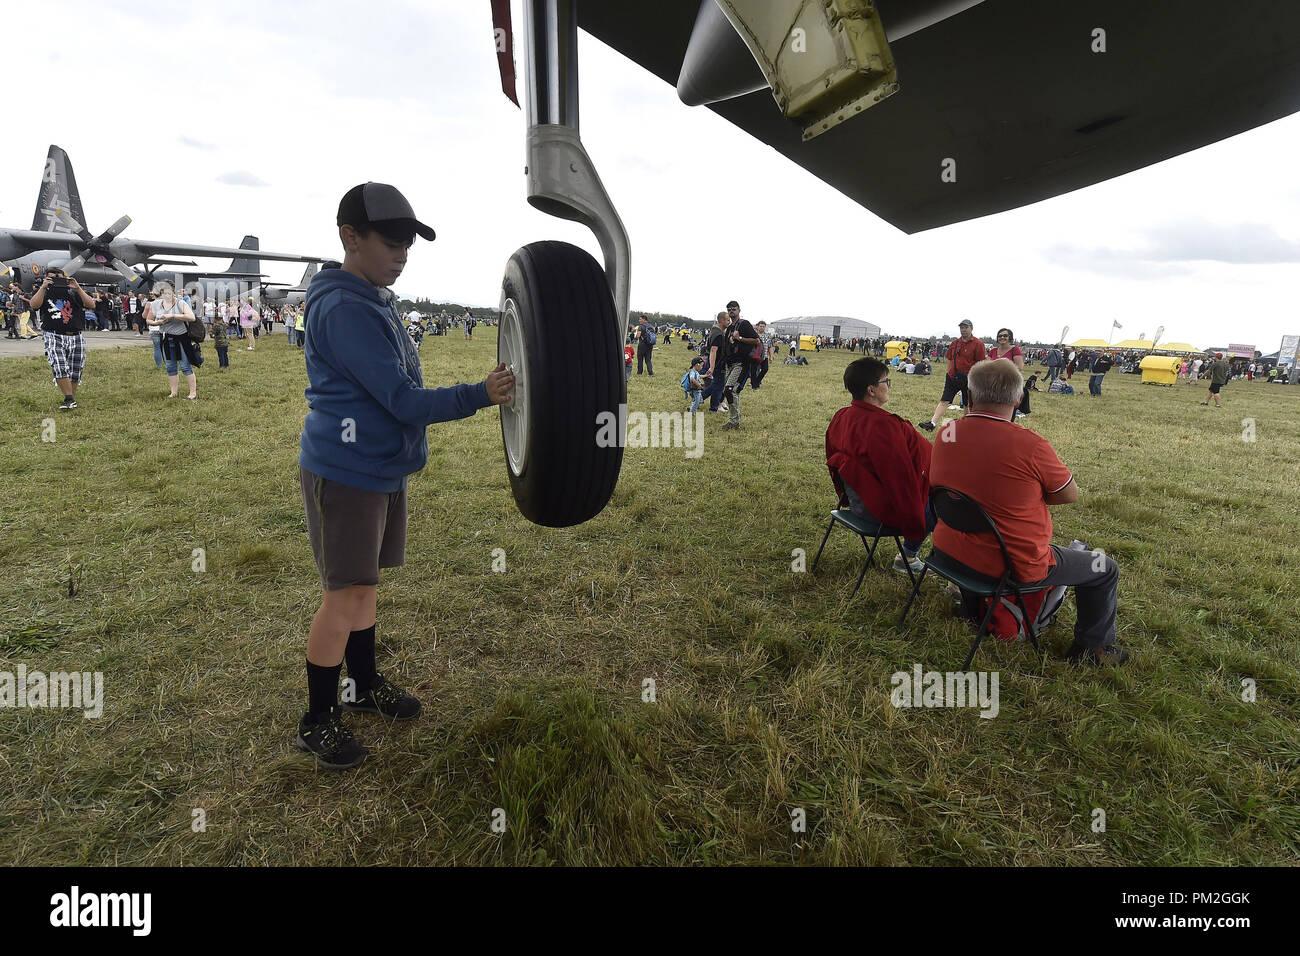 Un garçon inspecter une roue de bombardiers stratégiques américains B-52 Stratofortress pendant l'OTAN et de la Force aérienne tchèque jours jours à l'aéroport de Mosnov, Ostrava, République tchèque, le 15 septembre 2018. (Photo/CTK Jaroslav Ozana) Banque D'Images